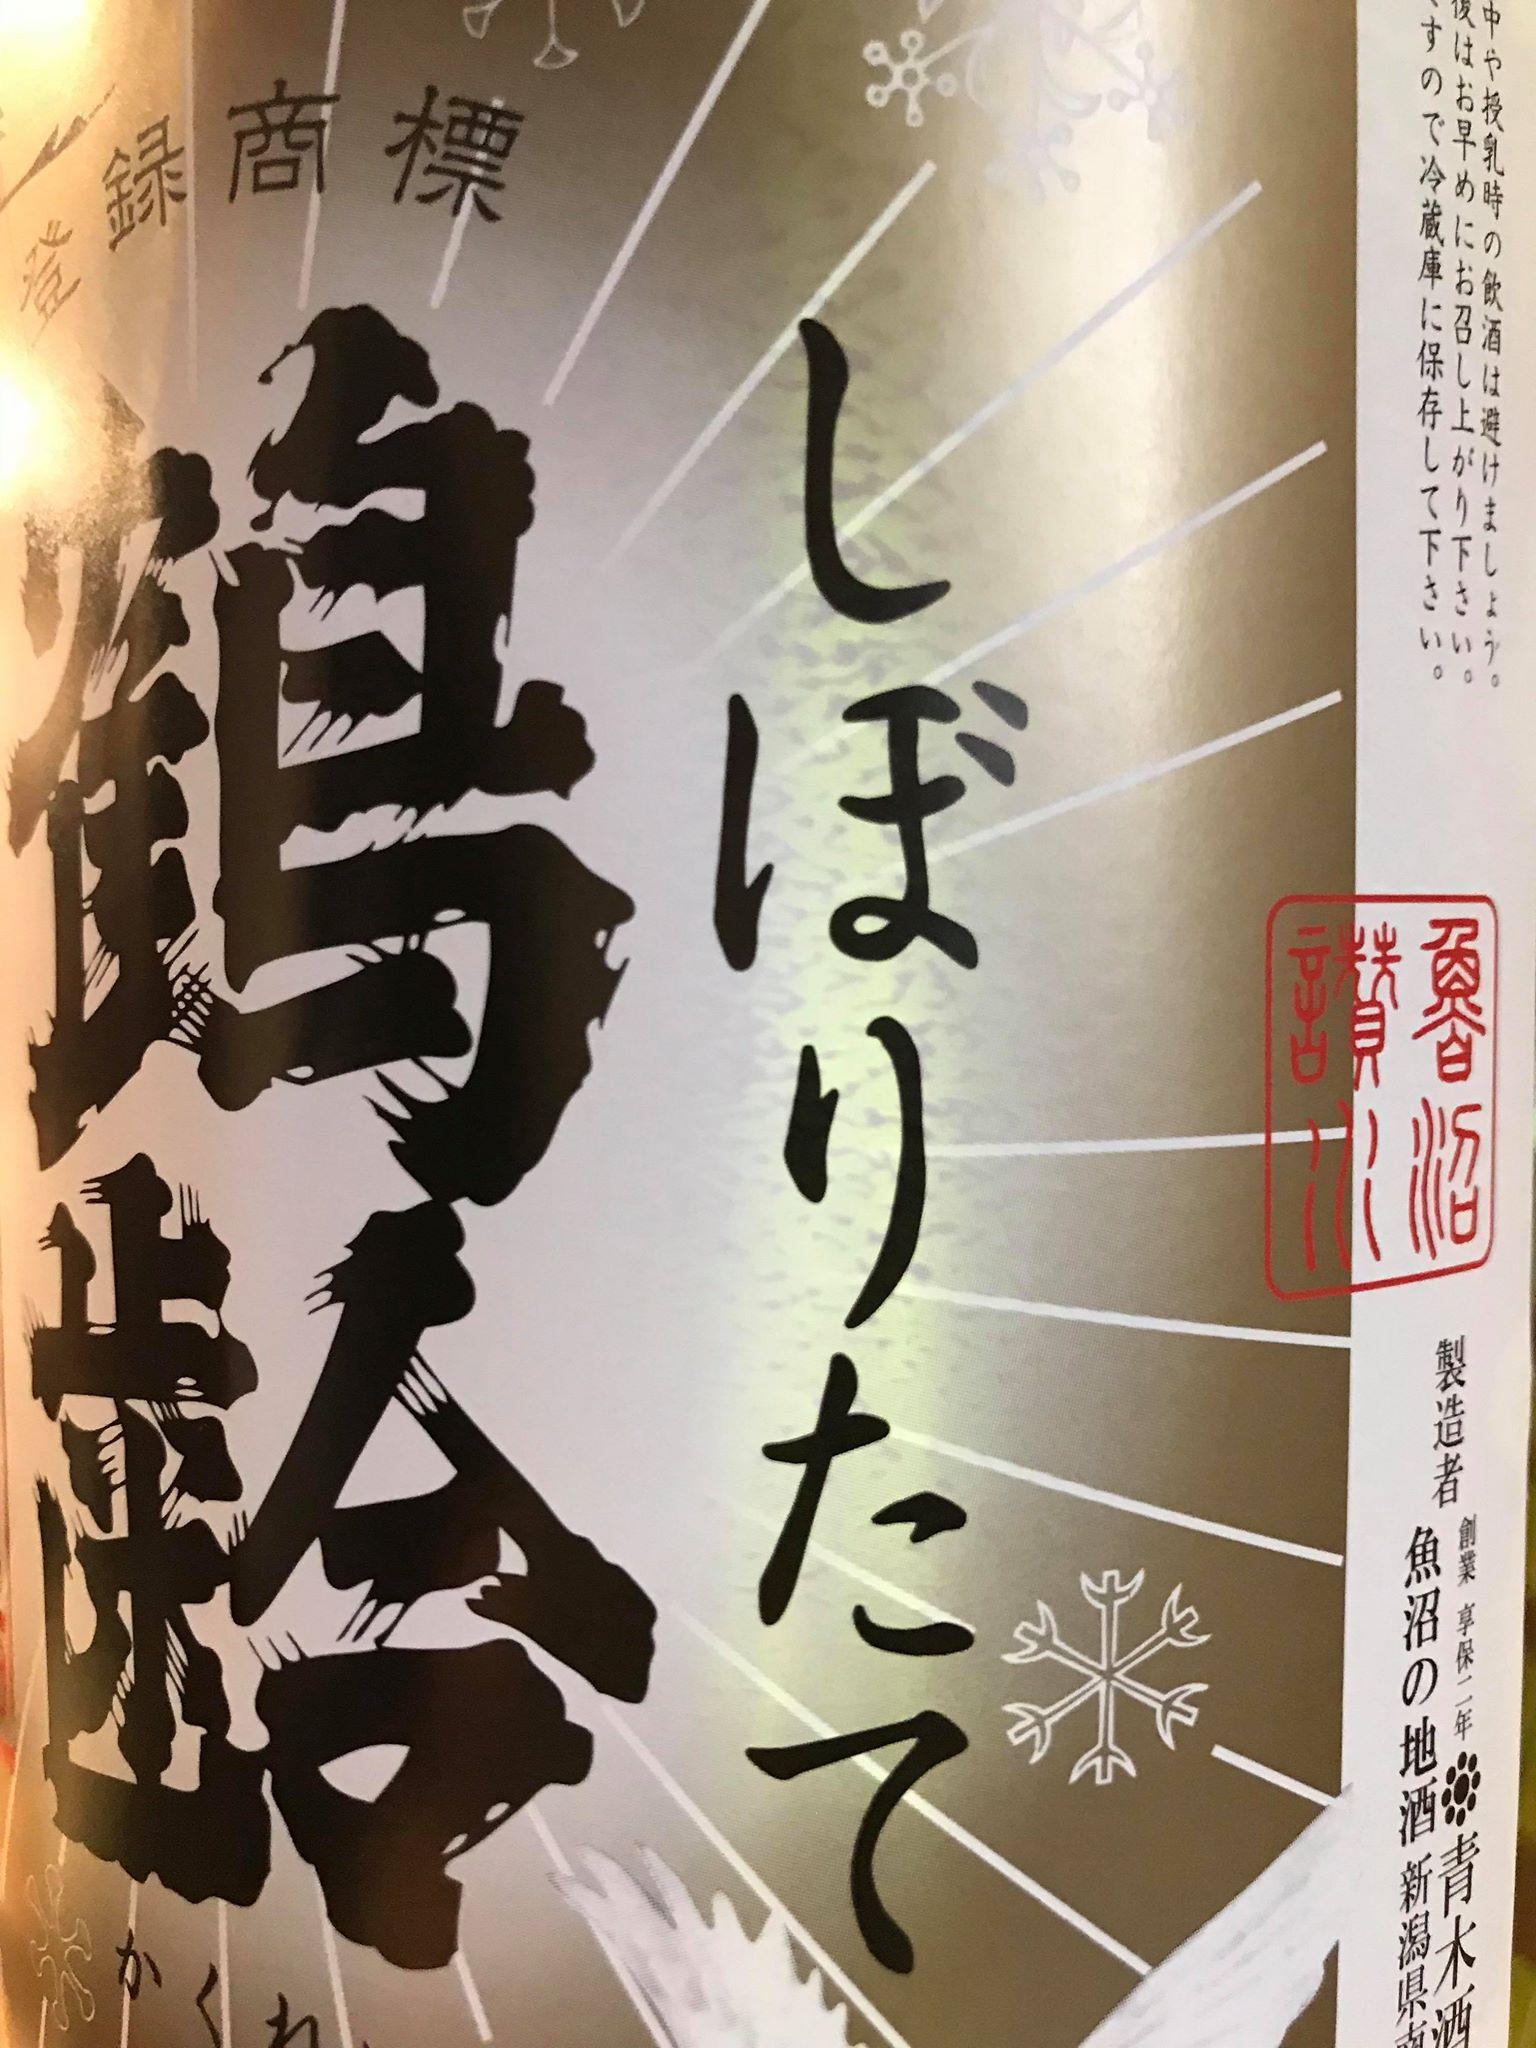 【日本酒】鶴齢 しぼりたて純米 槽口詰め 無濾過生原酒 越淡麗60 限定 新酒30BY_e0173738_105451.jpg